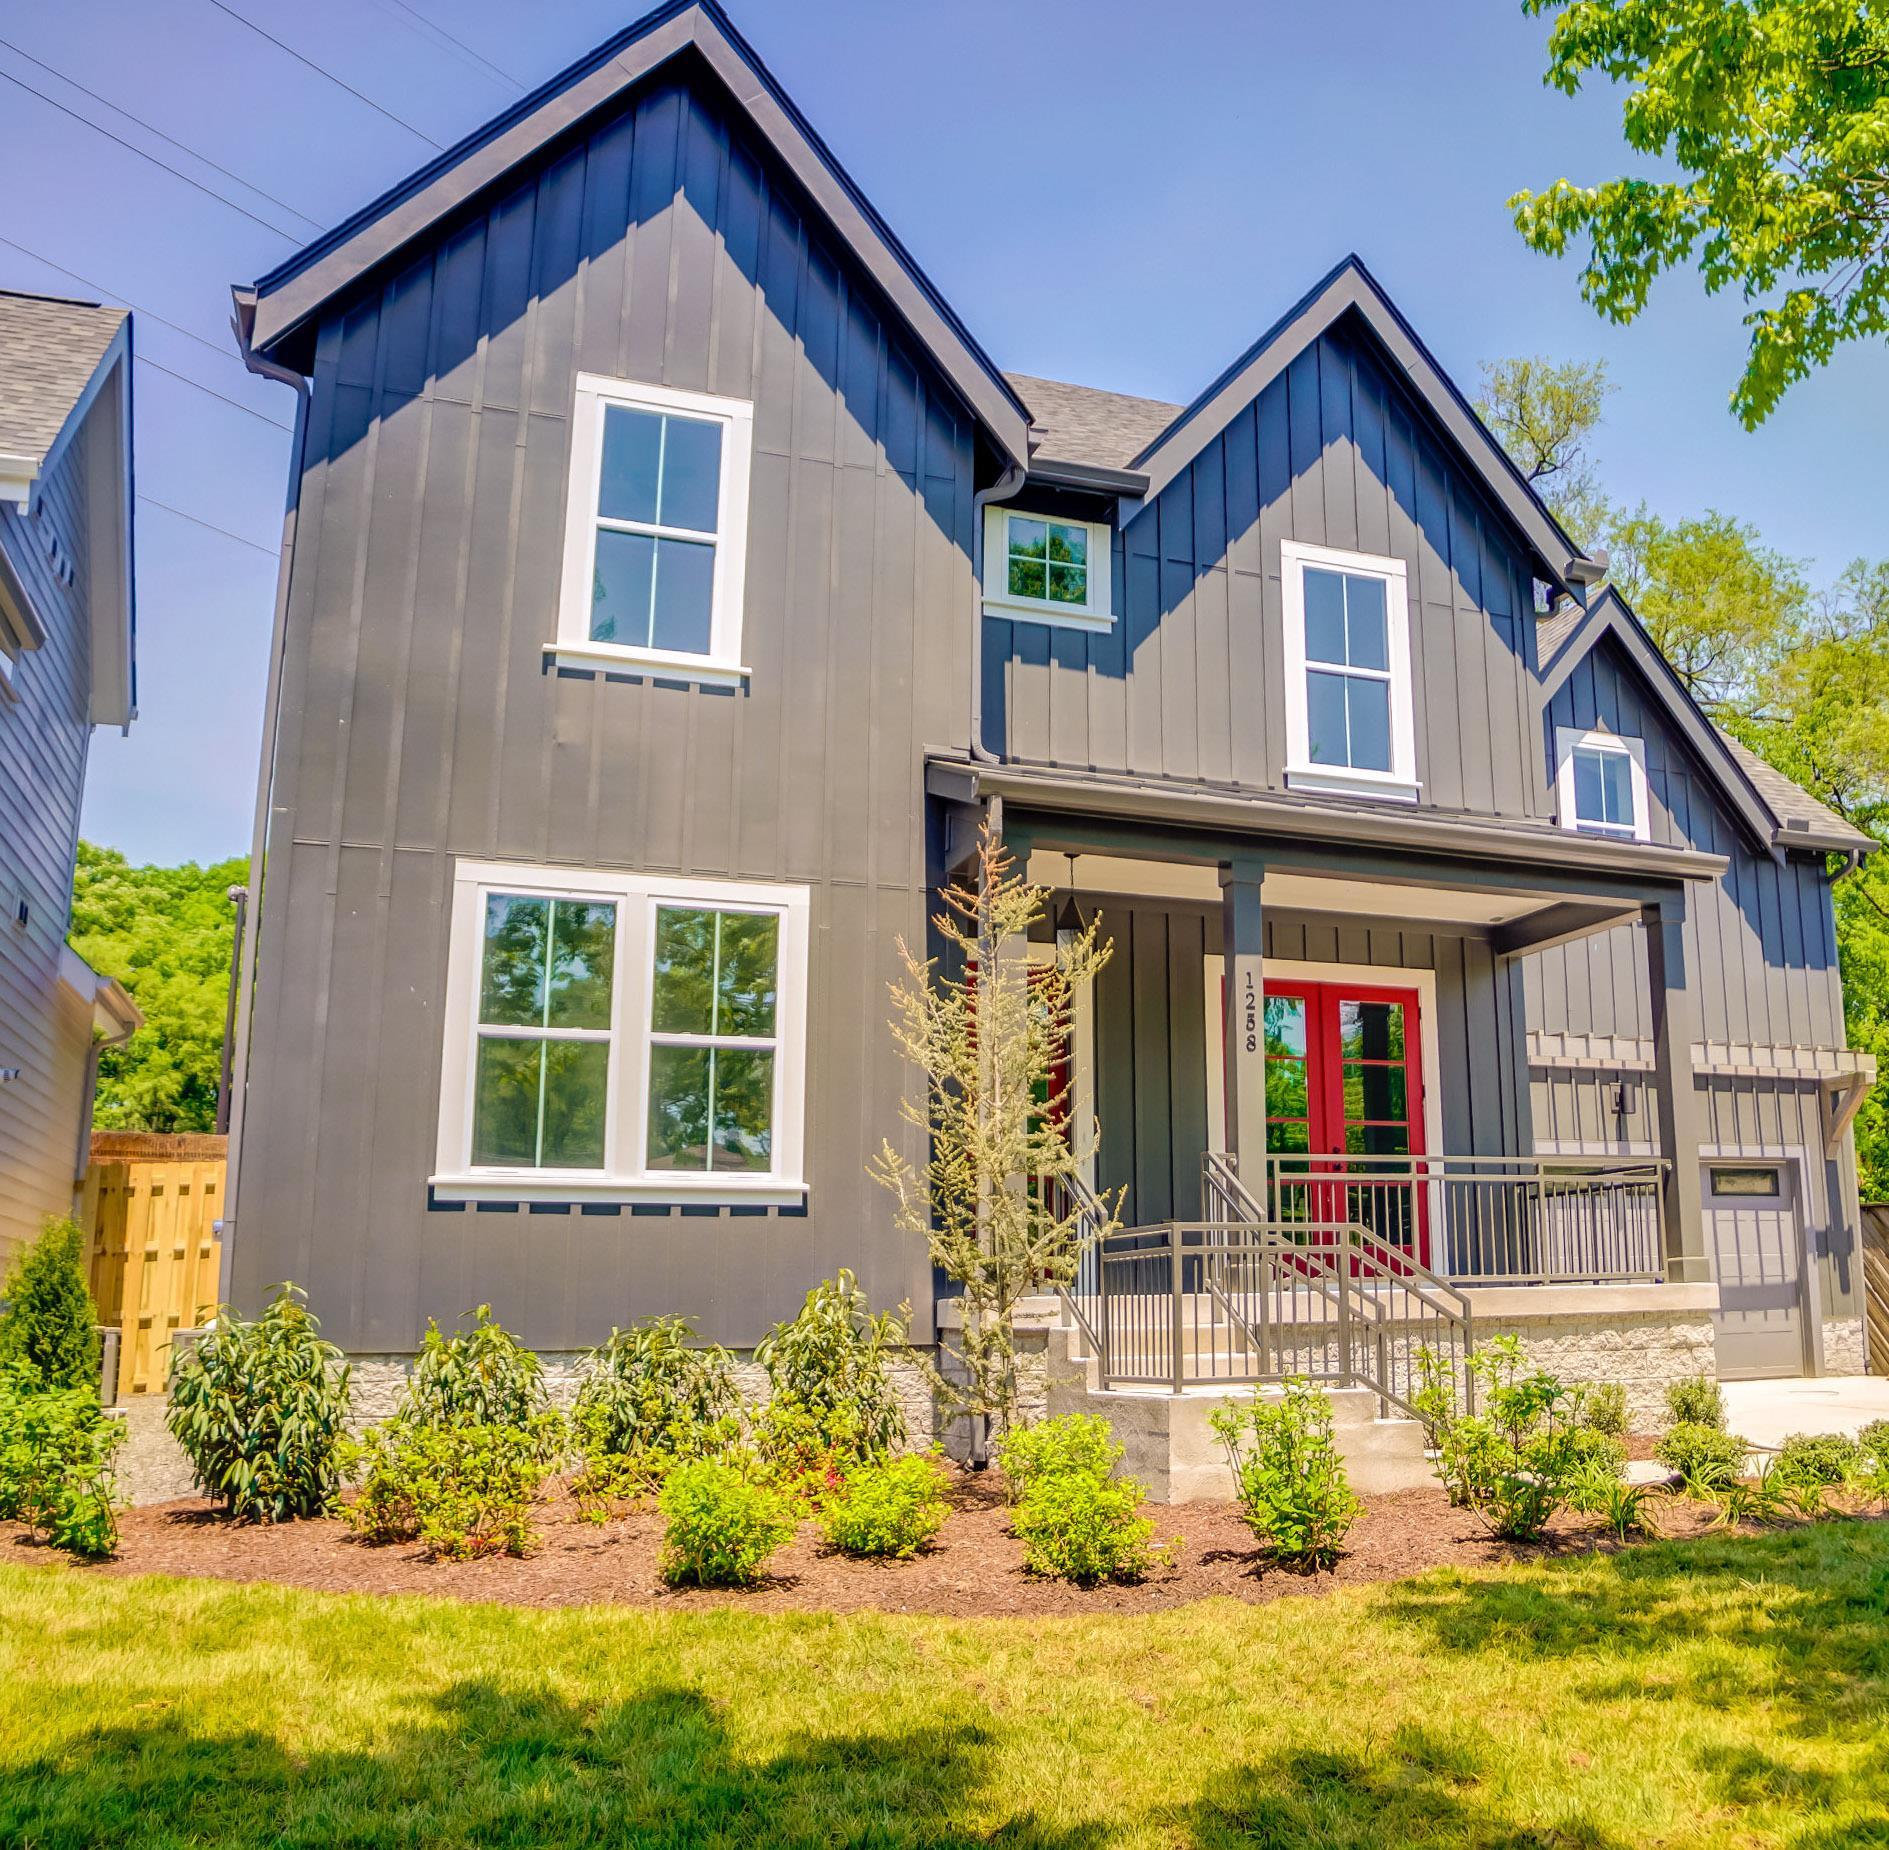 Nashville - Green Hills Homes for Sale -  Custom Built,  1258 Battlefield Dr